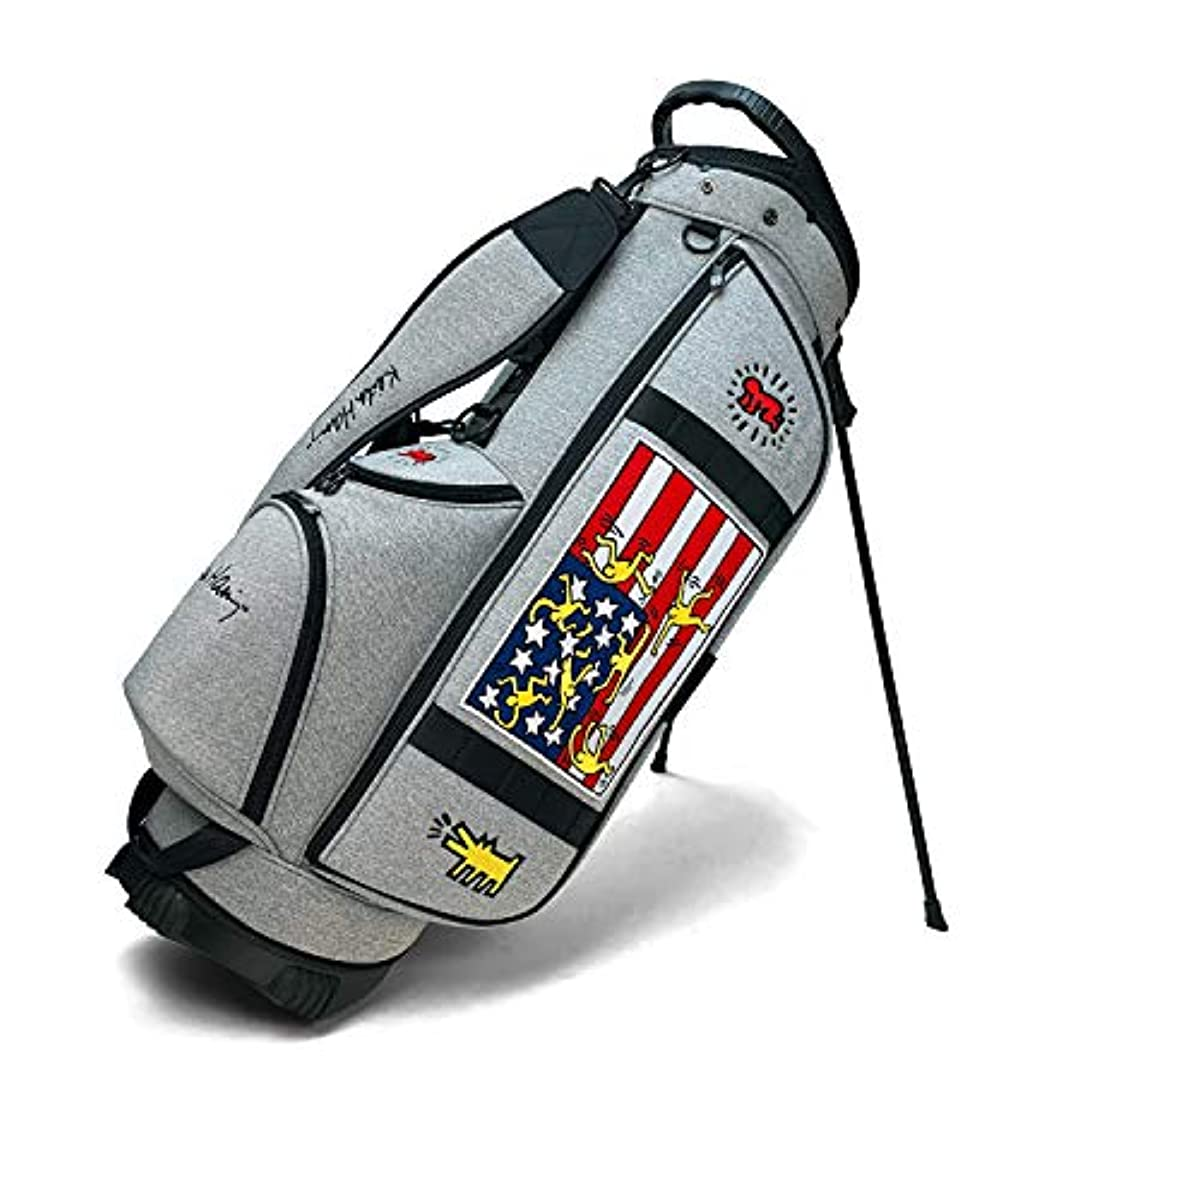 [해외] 키스해링 골프 스탠드캐디백 AMERICAN FLAG × STAR 라이트그레이 9인치(47인치 대응) KHCB-05